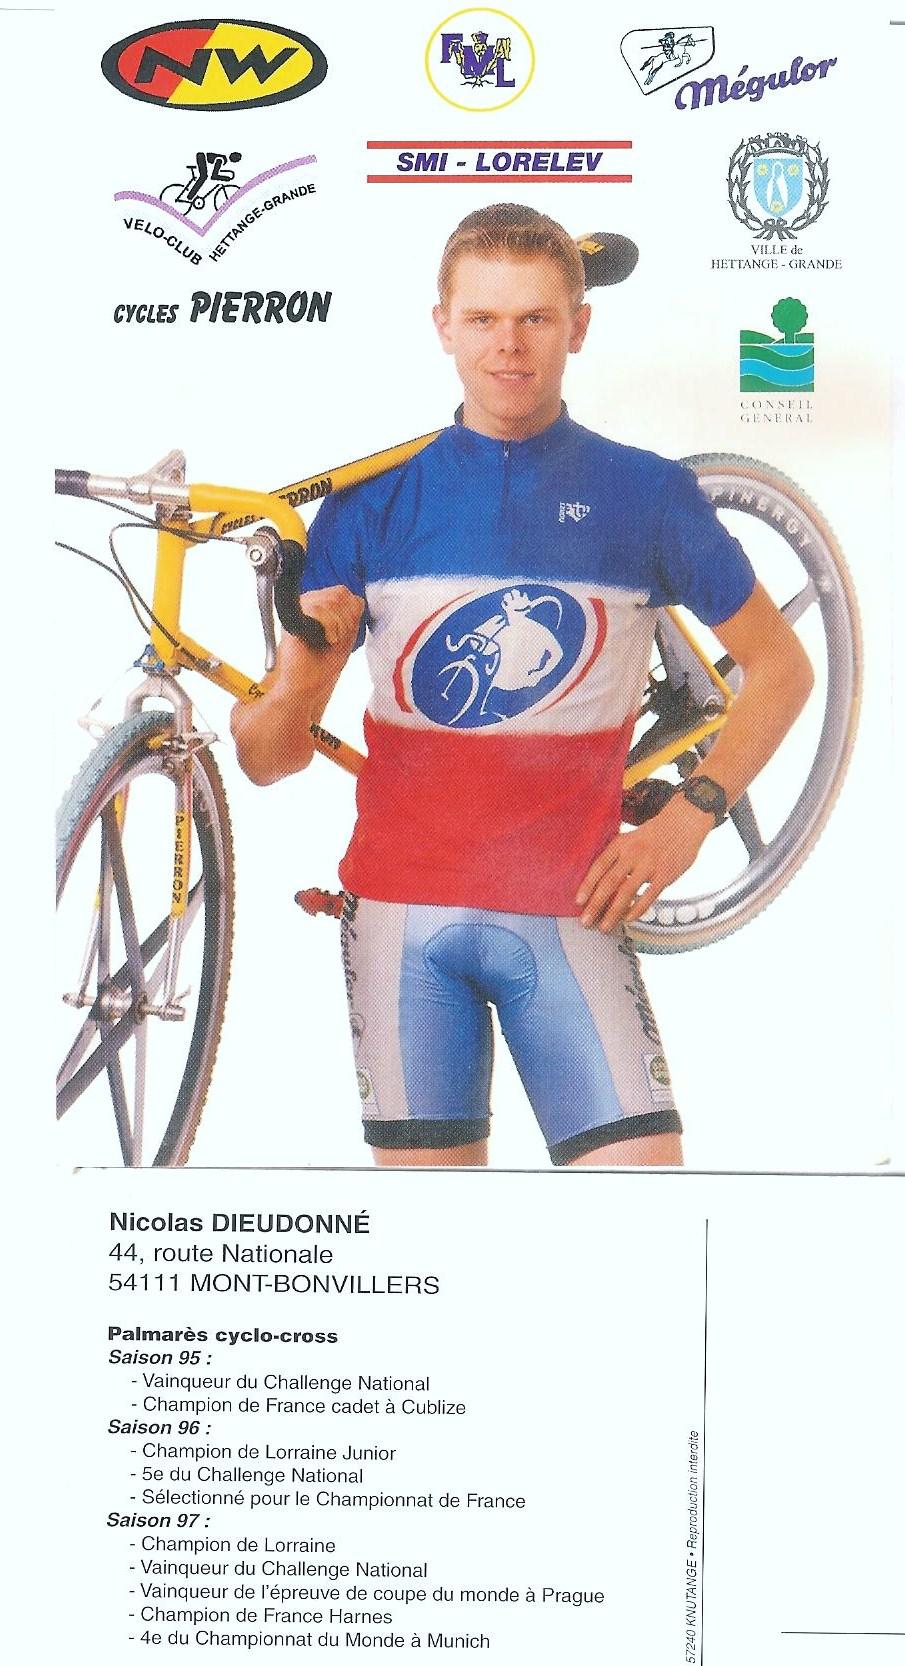 1997 – Route des Vins – Manche du Challenge National Junior – Victoire de Nicolas Dieudonné (VC Hettange Grande)